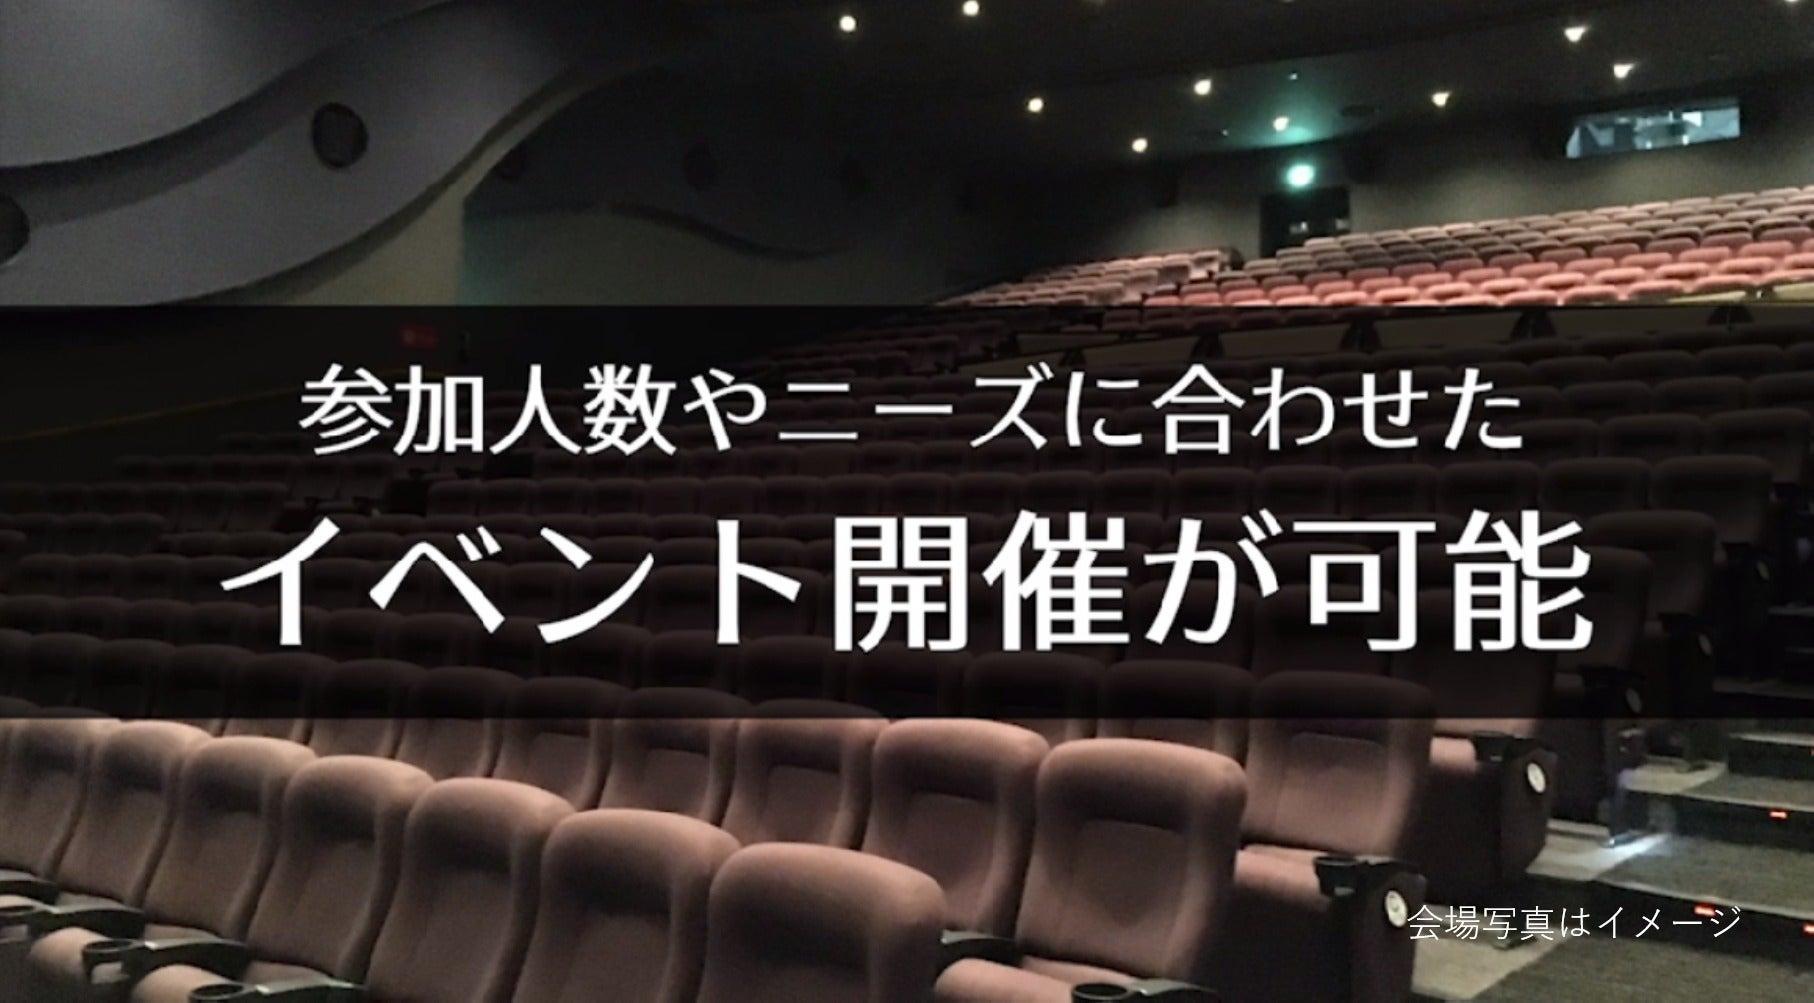 【橿原 170席】映画館で、会社説明会、株主総会、講演会の企画はいかがですか? の写真